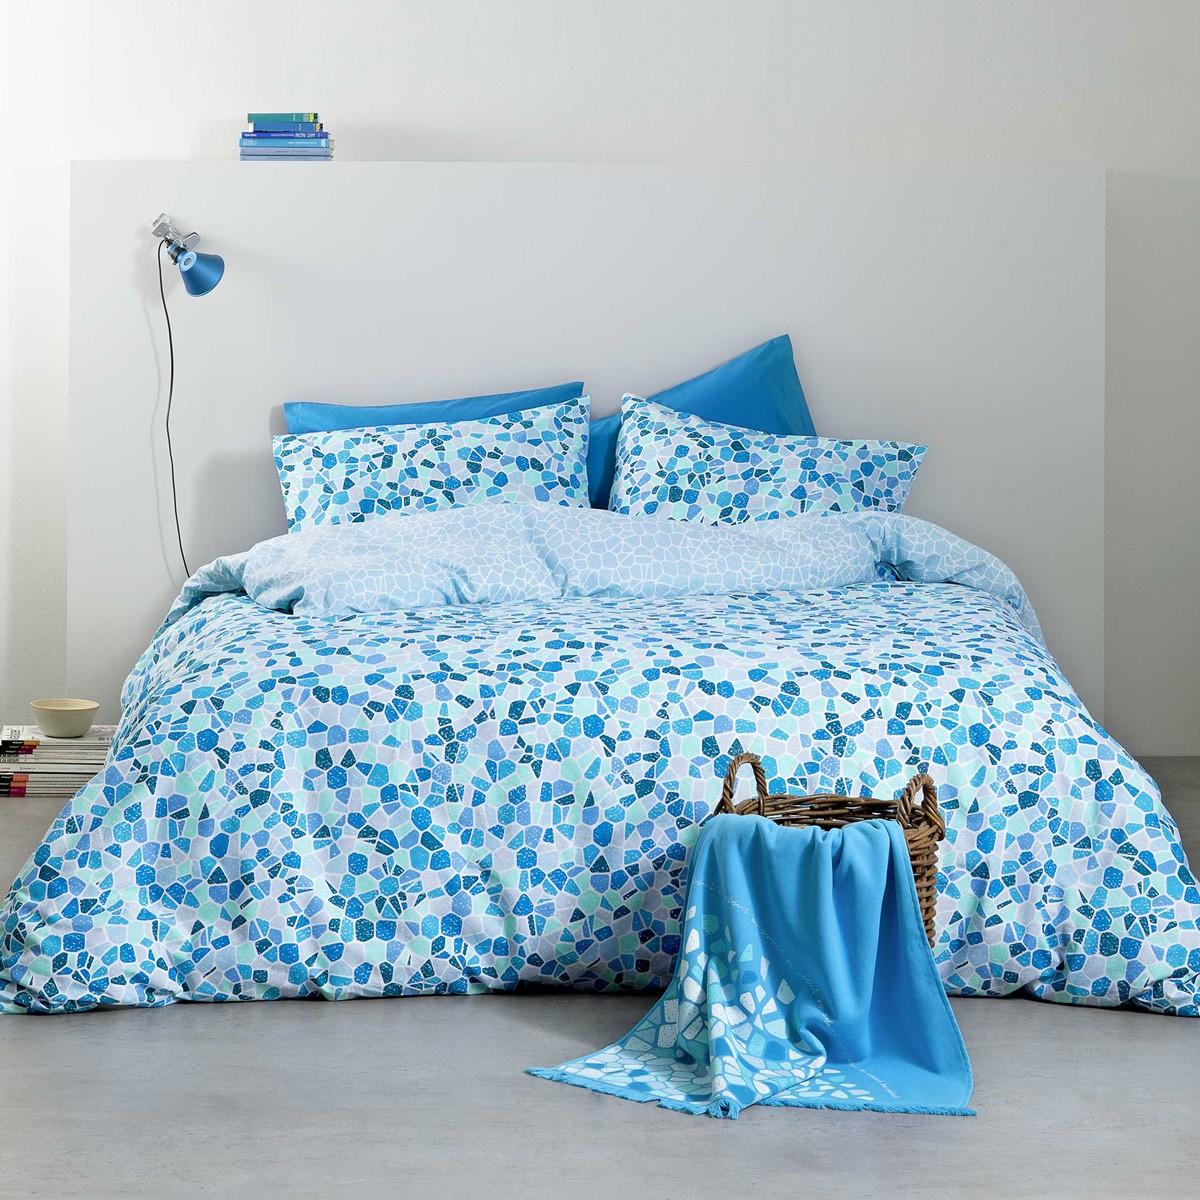 Σεντόνια Υπέρδιπλα (Σετ) Nima Bed Linen Boracay Blue ΜΕ ΛΑΣΤΙΧΟ ΜΕ ΛΑΣΤΙΧΟ